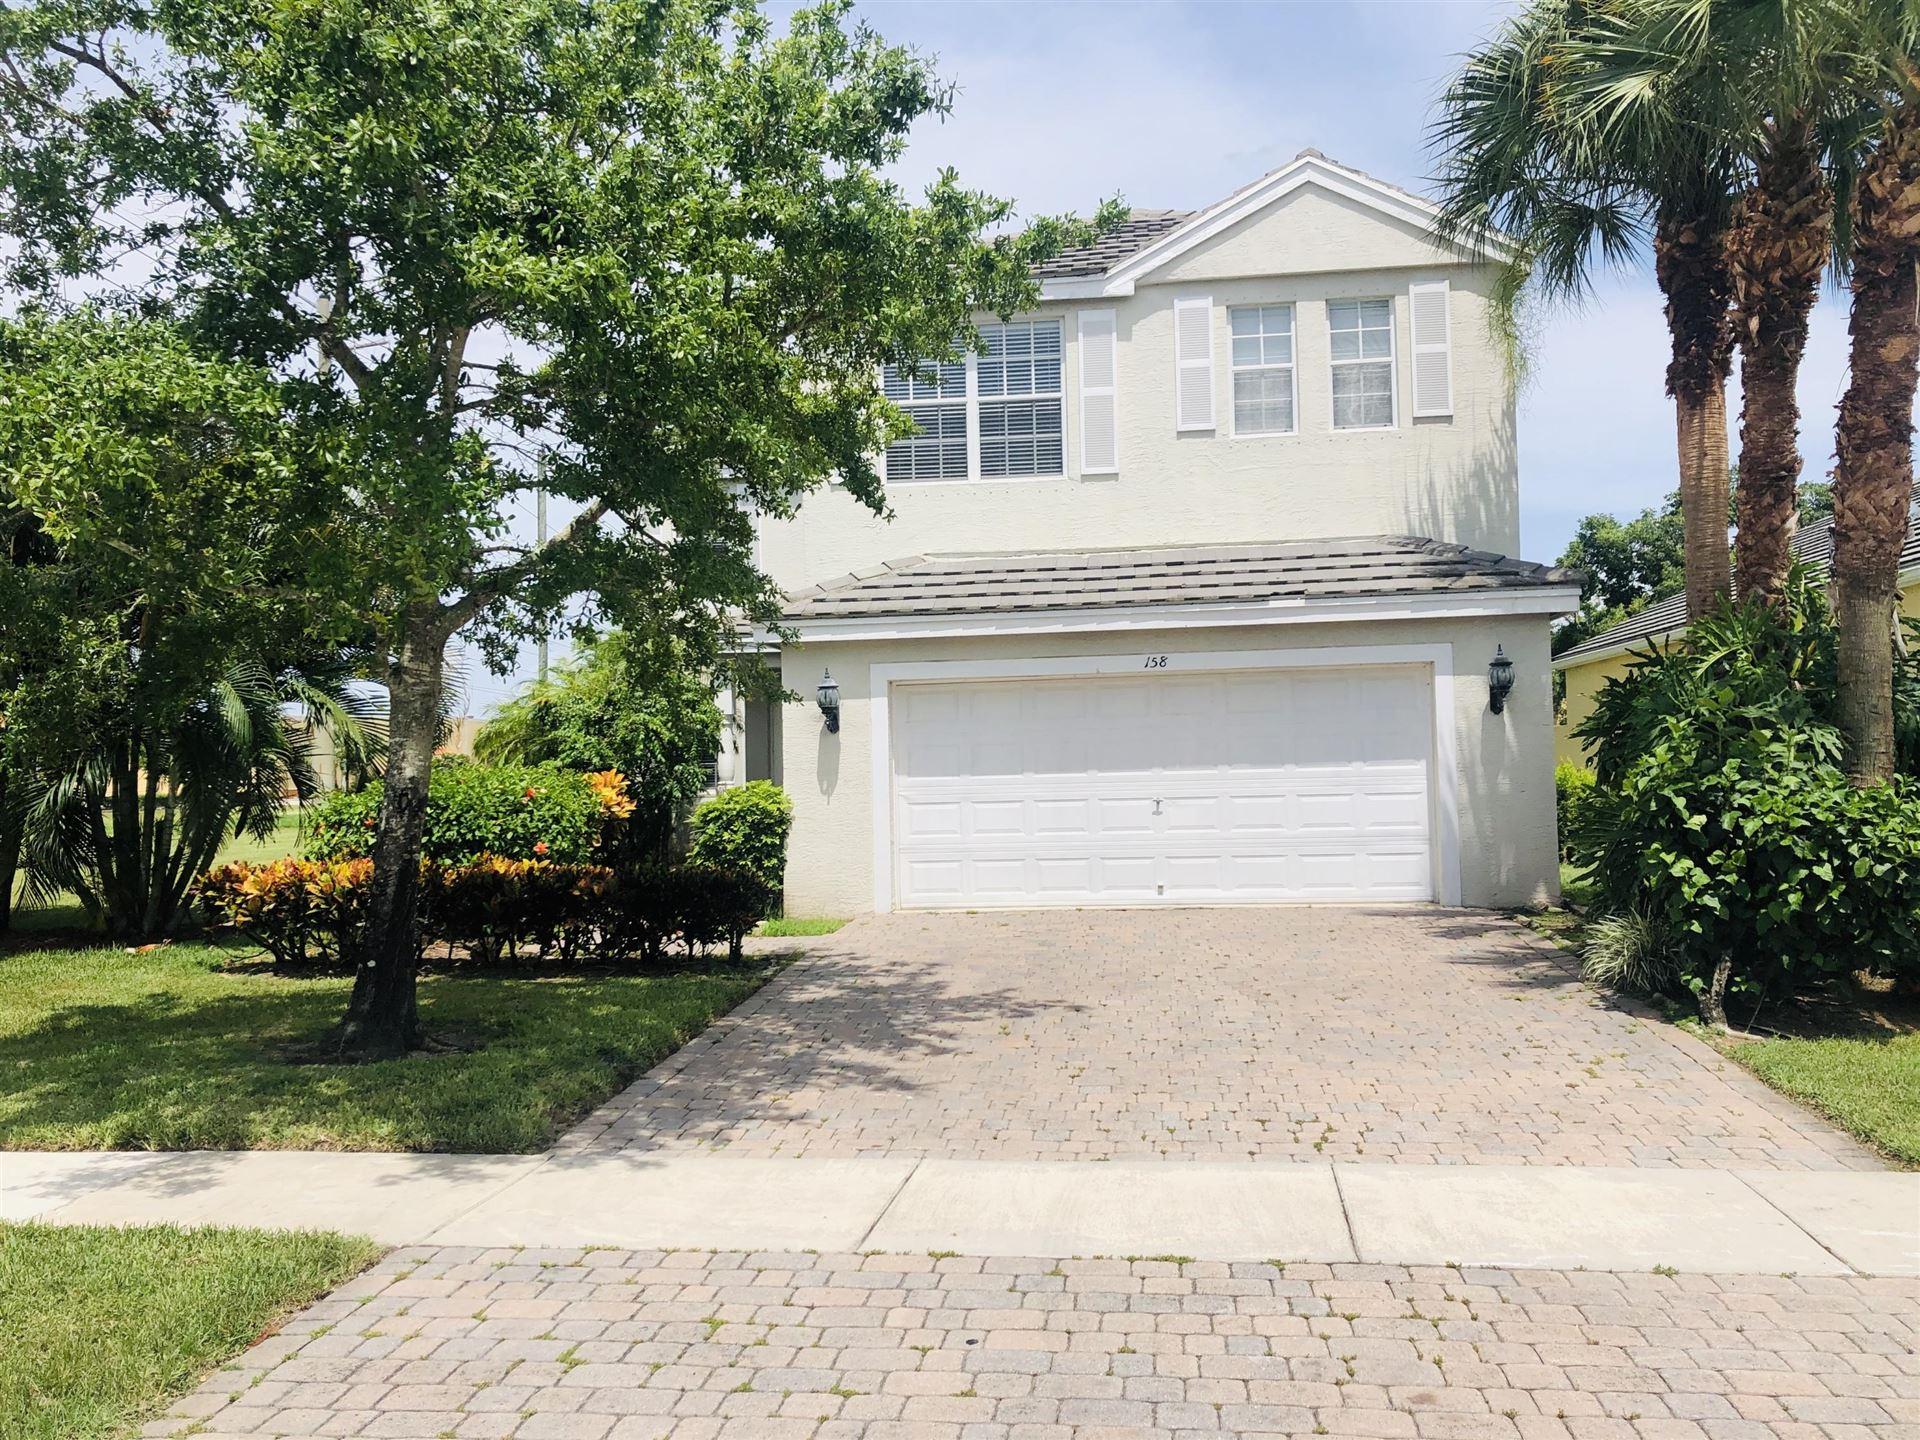 158 Kensington Way, Royal Palm Beach, FL 33414 - #: RX-10638205